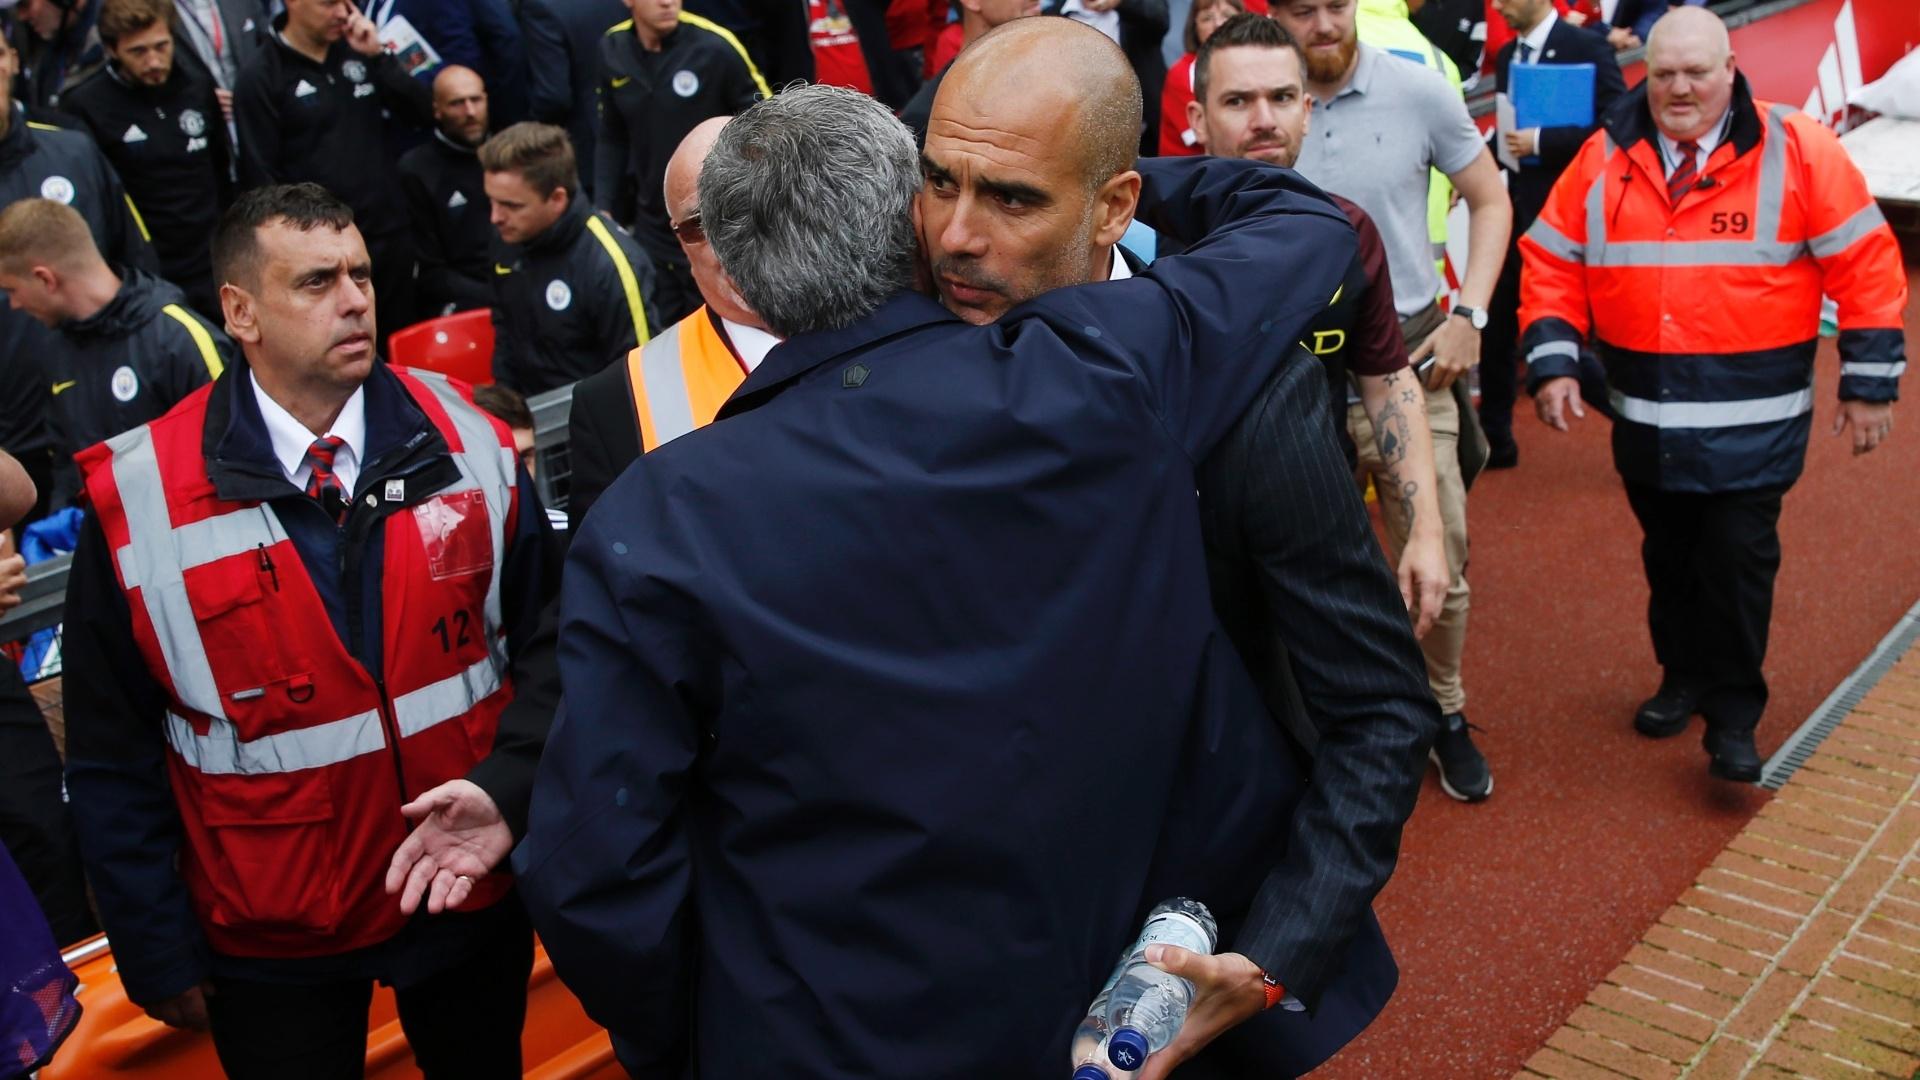 Mourinho e Guardiola se abraçam antes de clássico entre United e City no Campeonato Inglês